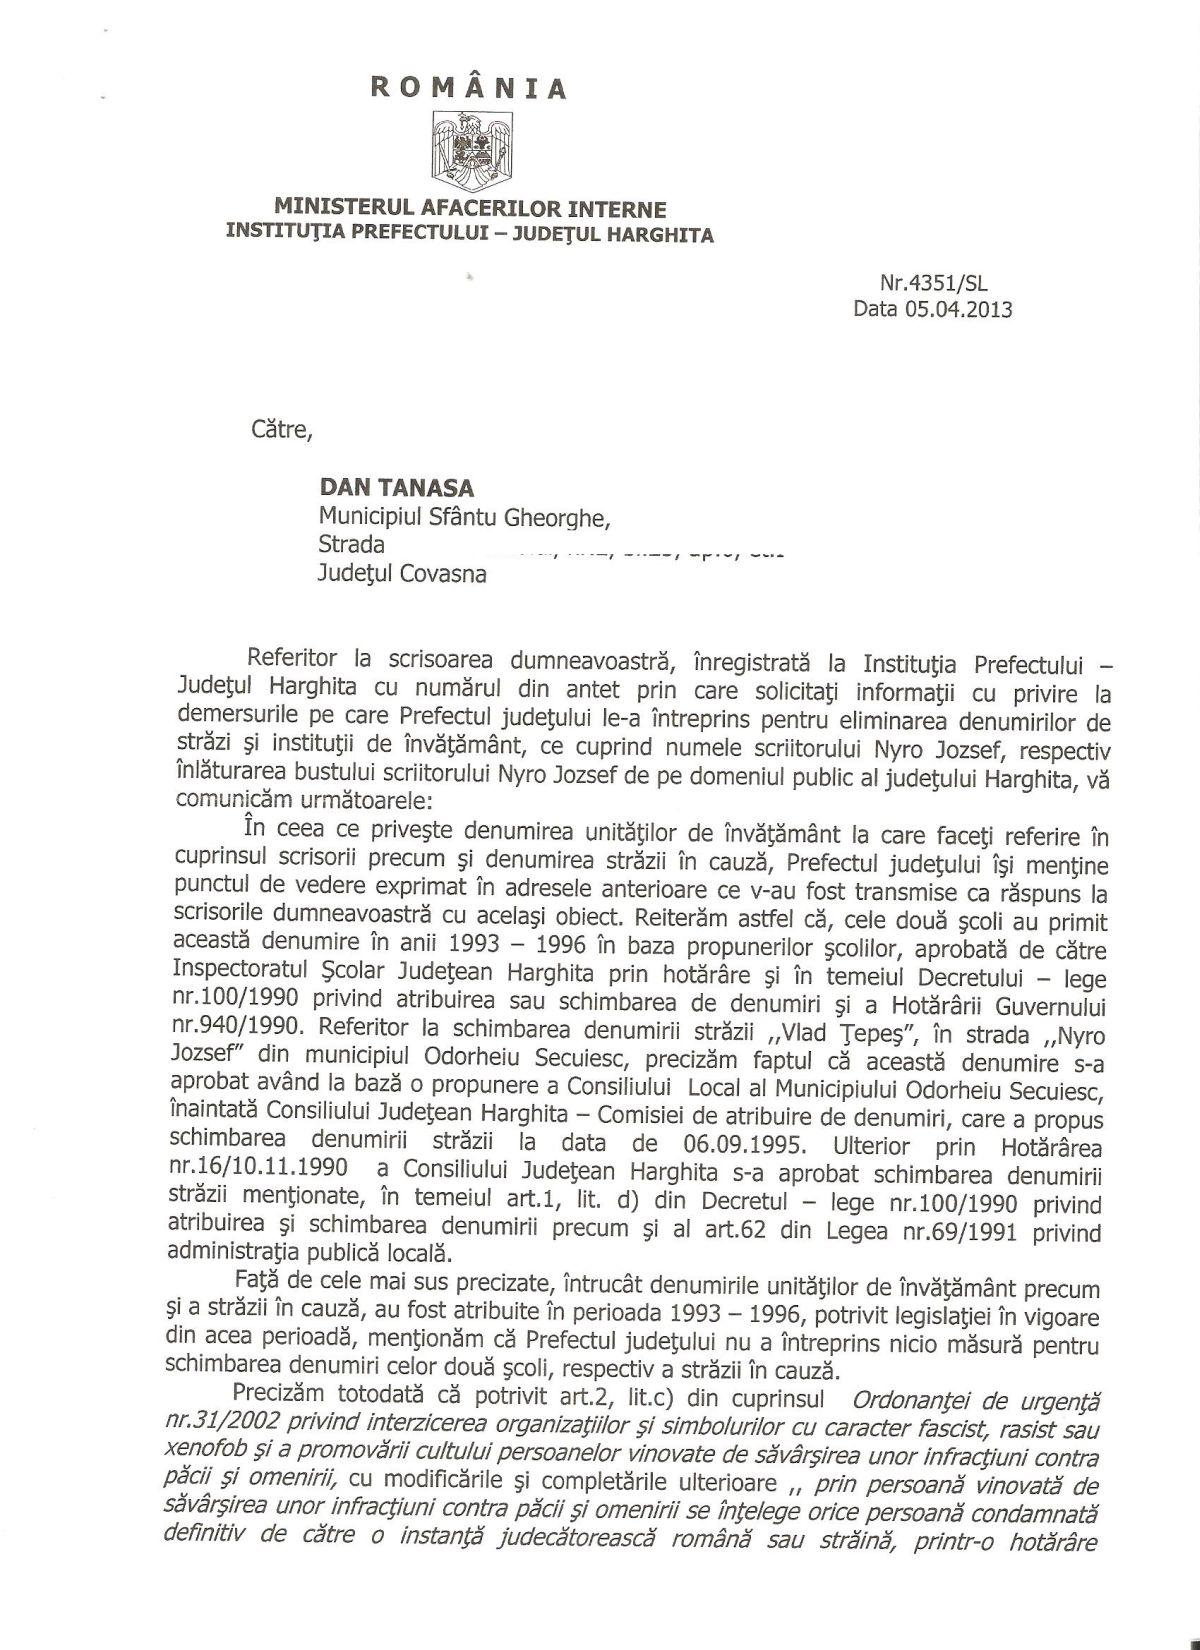 Prefect Harghita Jean-Adrian Andrei Nyiro Jozsef 1